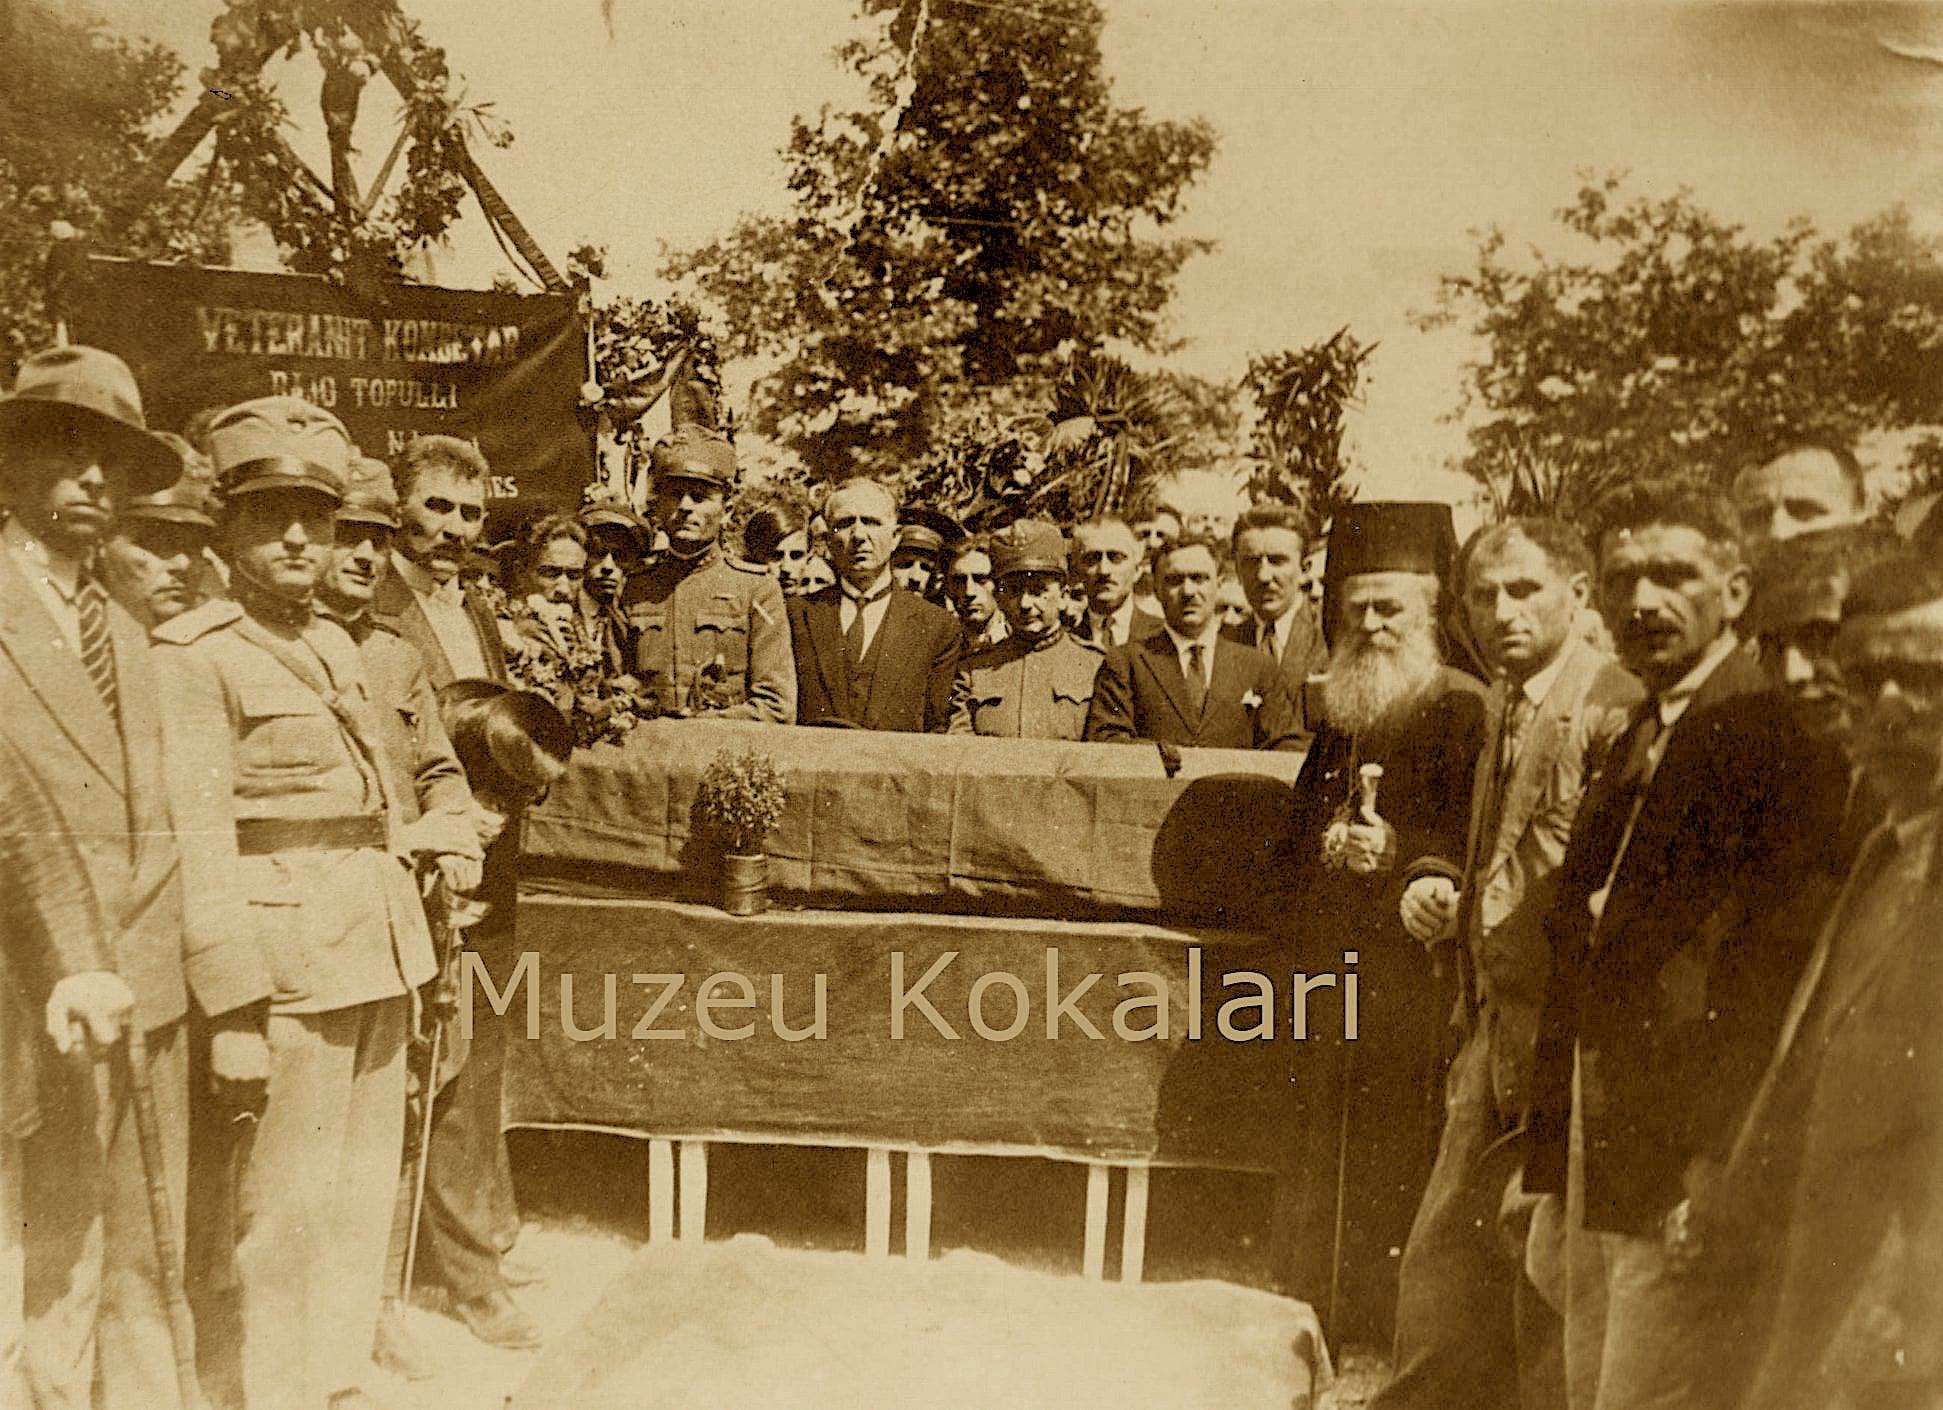 Ceremonia e varrimit të atdhetarit Bajo Topulli